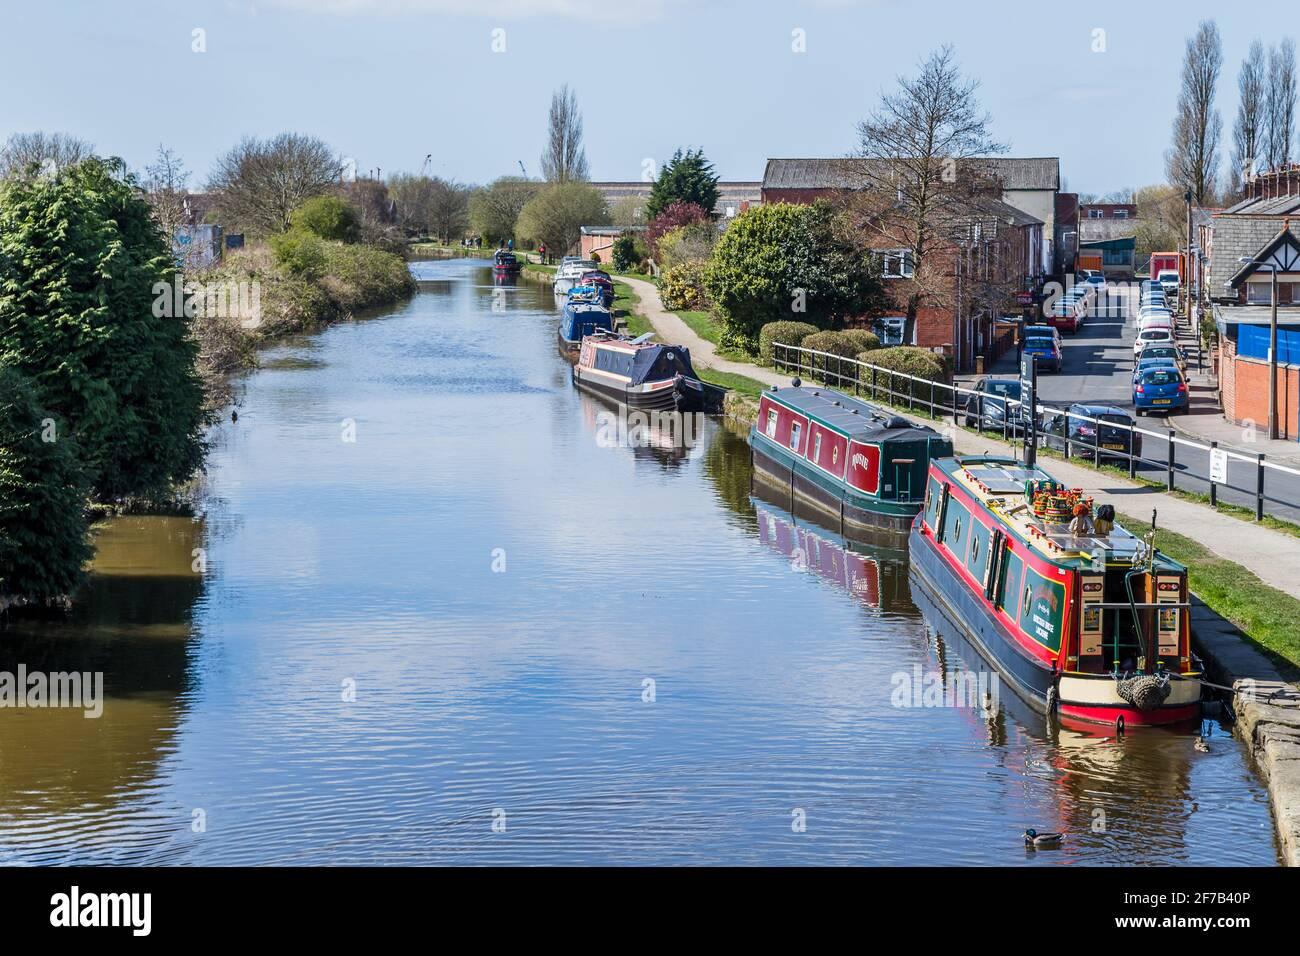 Barcos estrechos y coloridos vistos en el Canal de Leeds Liverpool cerca de Burscough, Lancashire en abril de 2021. Foto de stock